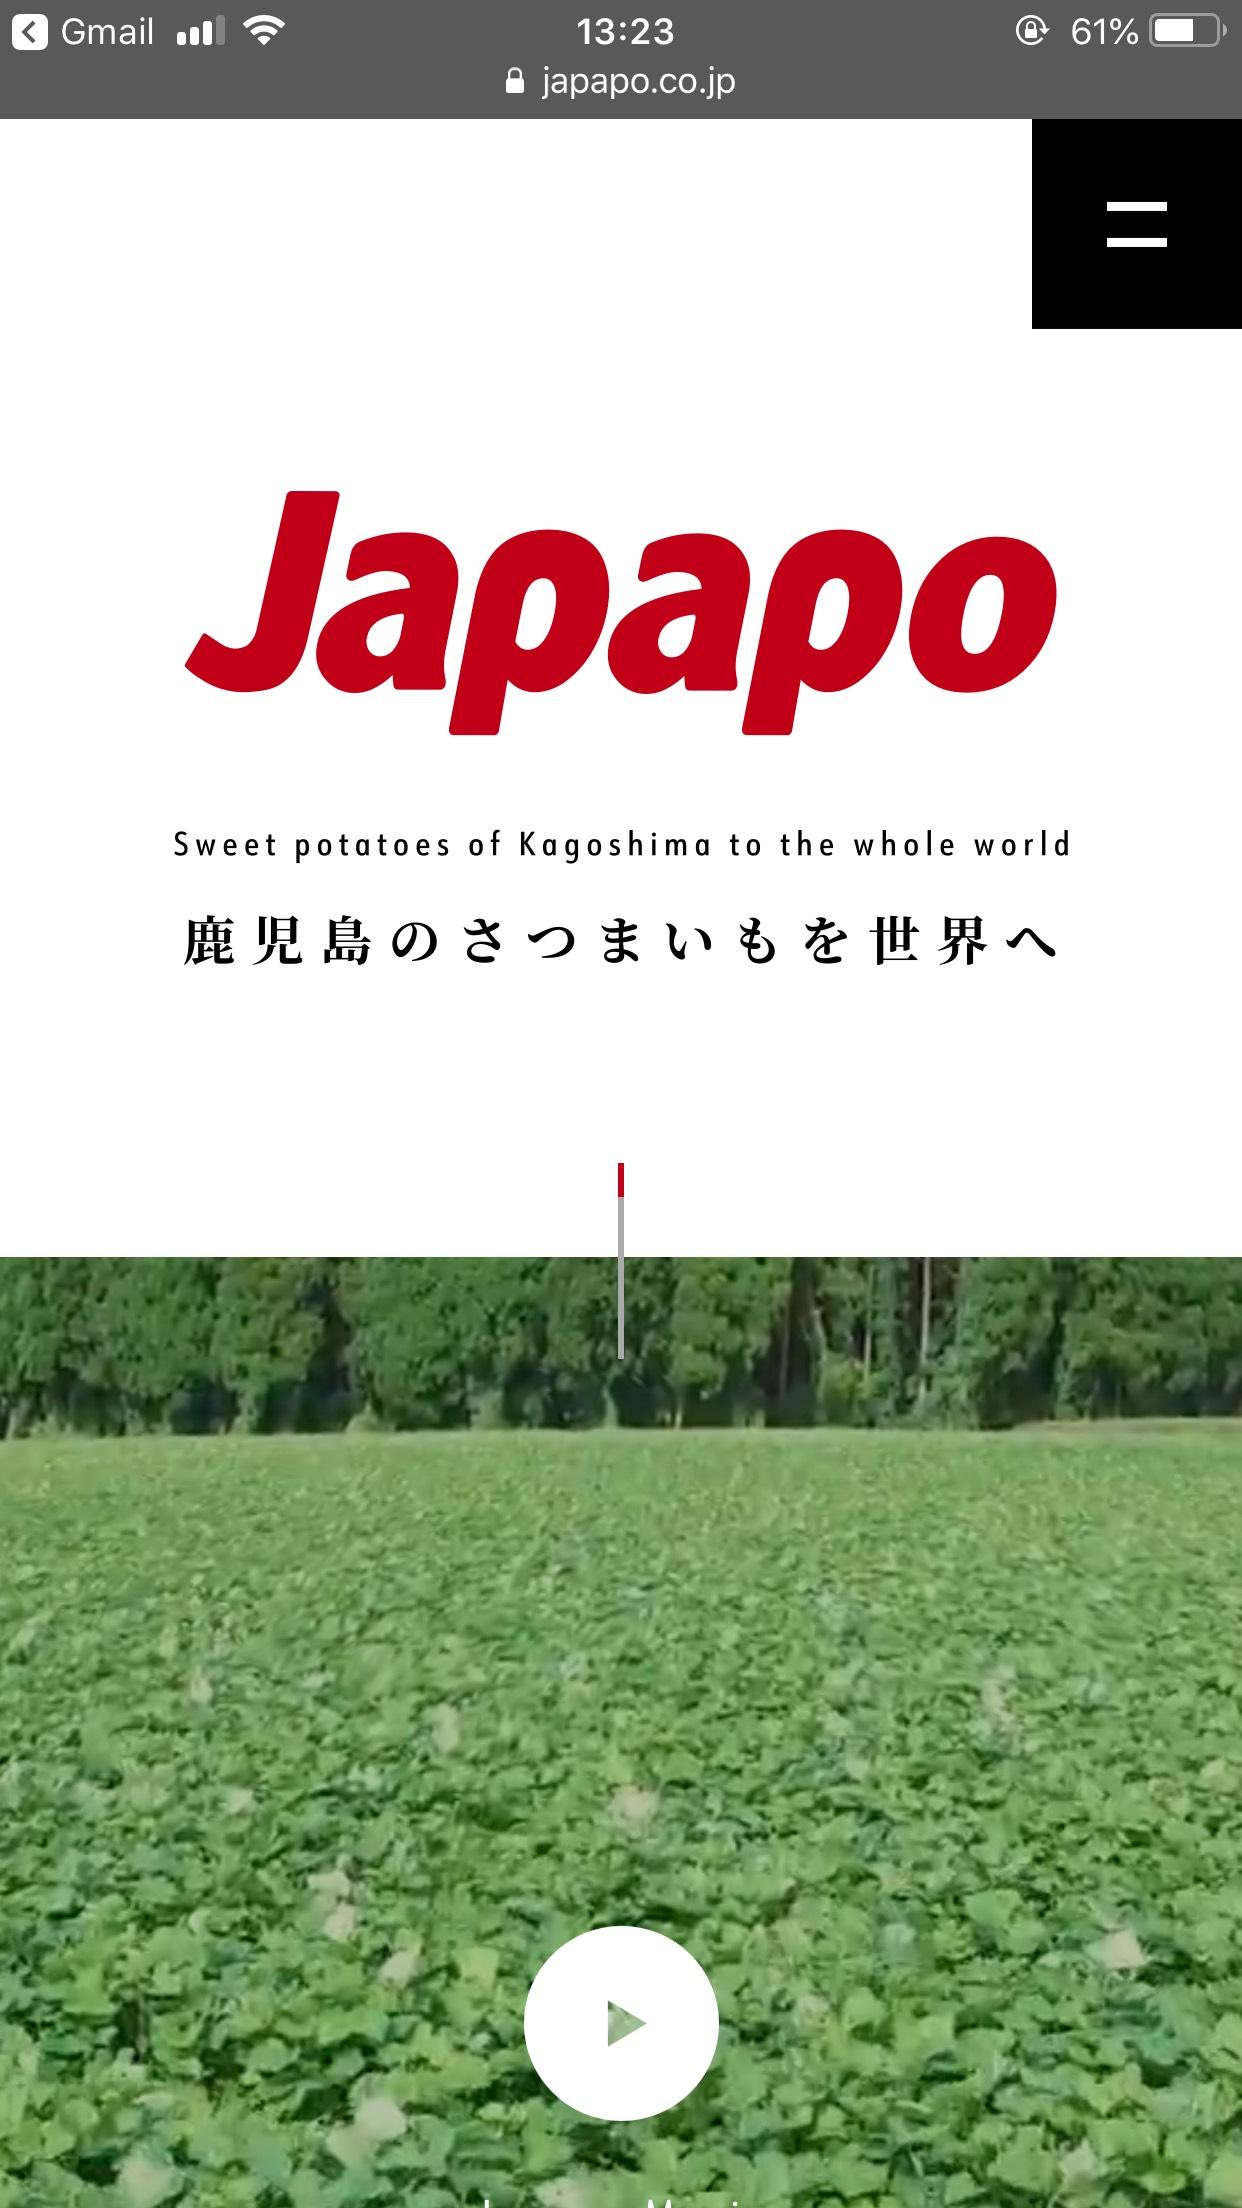 Japan potato有限会社 | 世界に鹿児島のさつまいもをJapapoから。